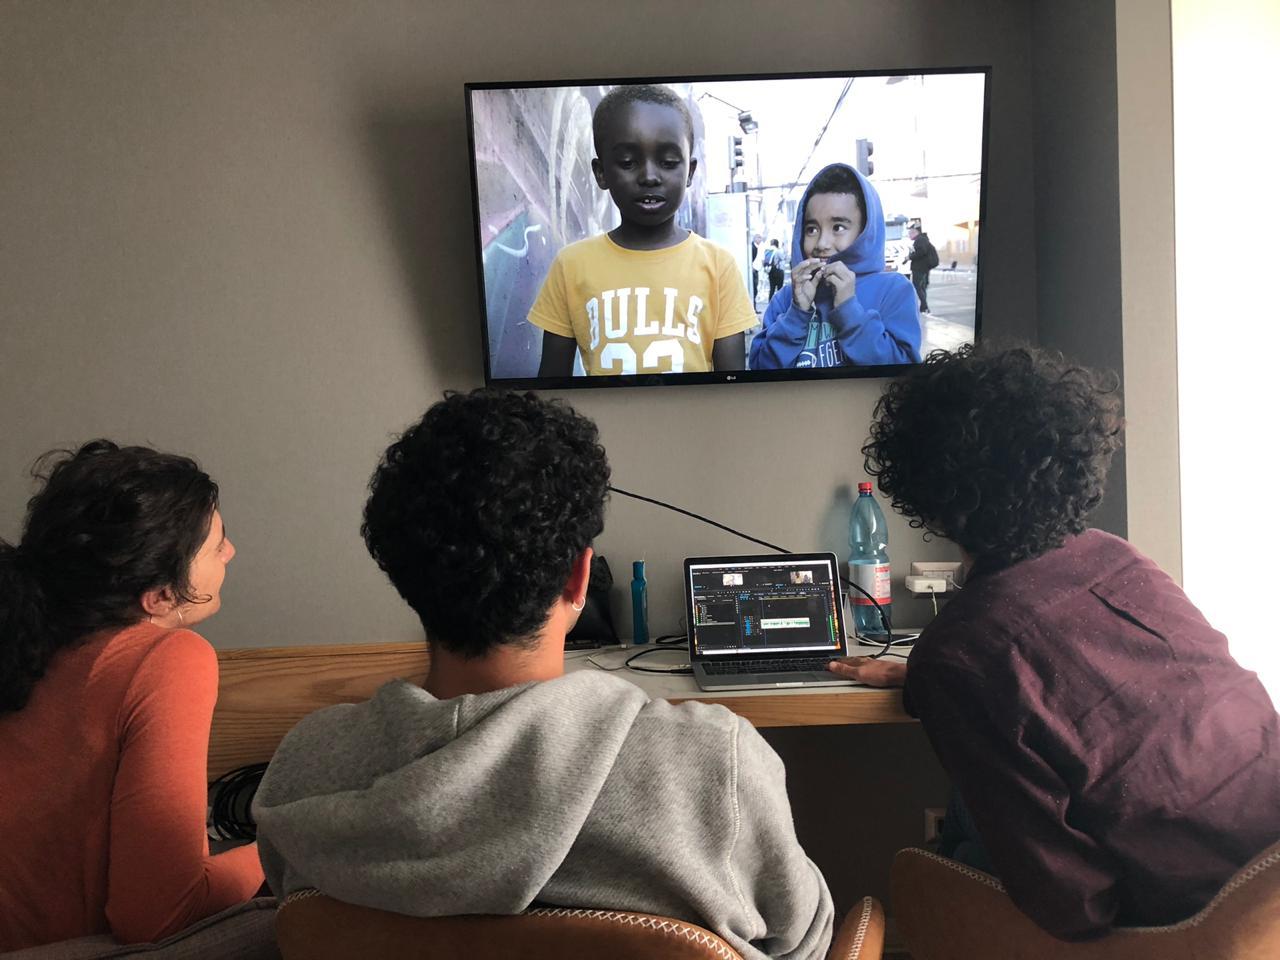 Tres jóvenes viendo una muestra audiovisual del Festival en la televisión